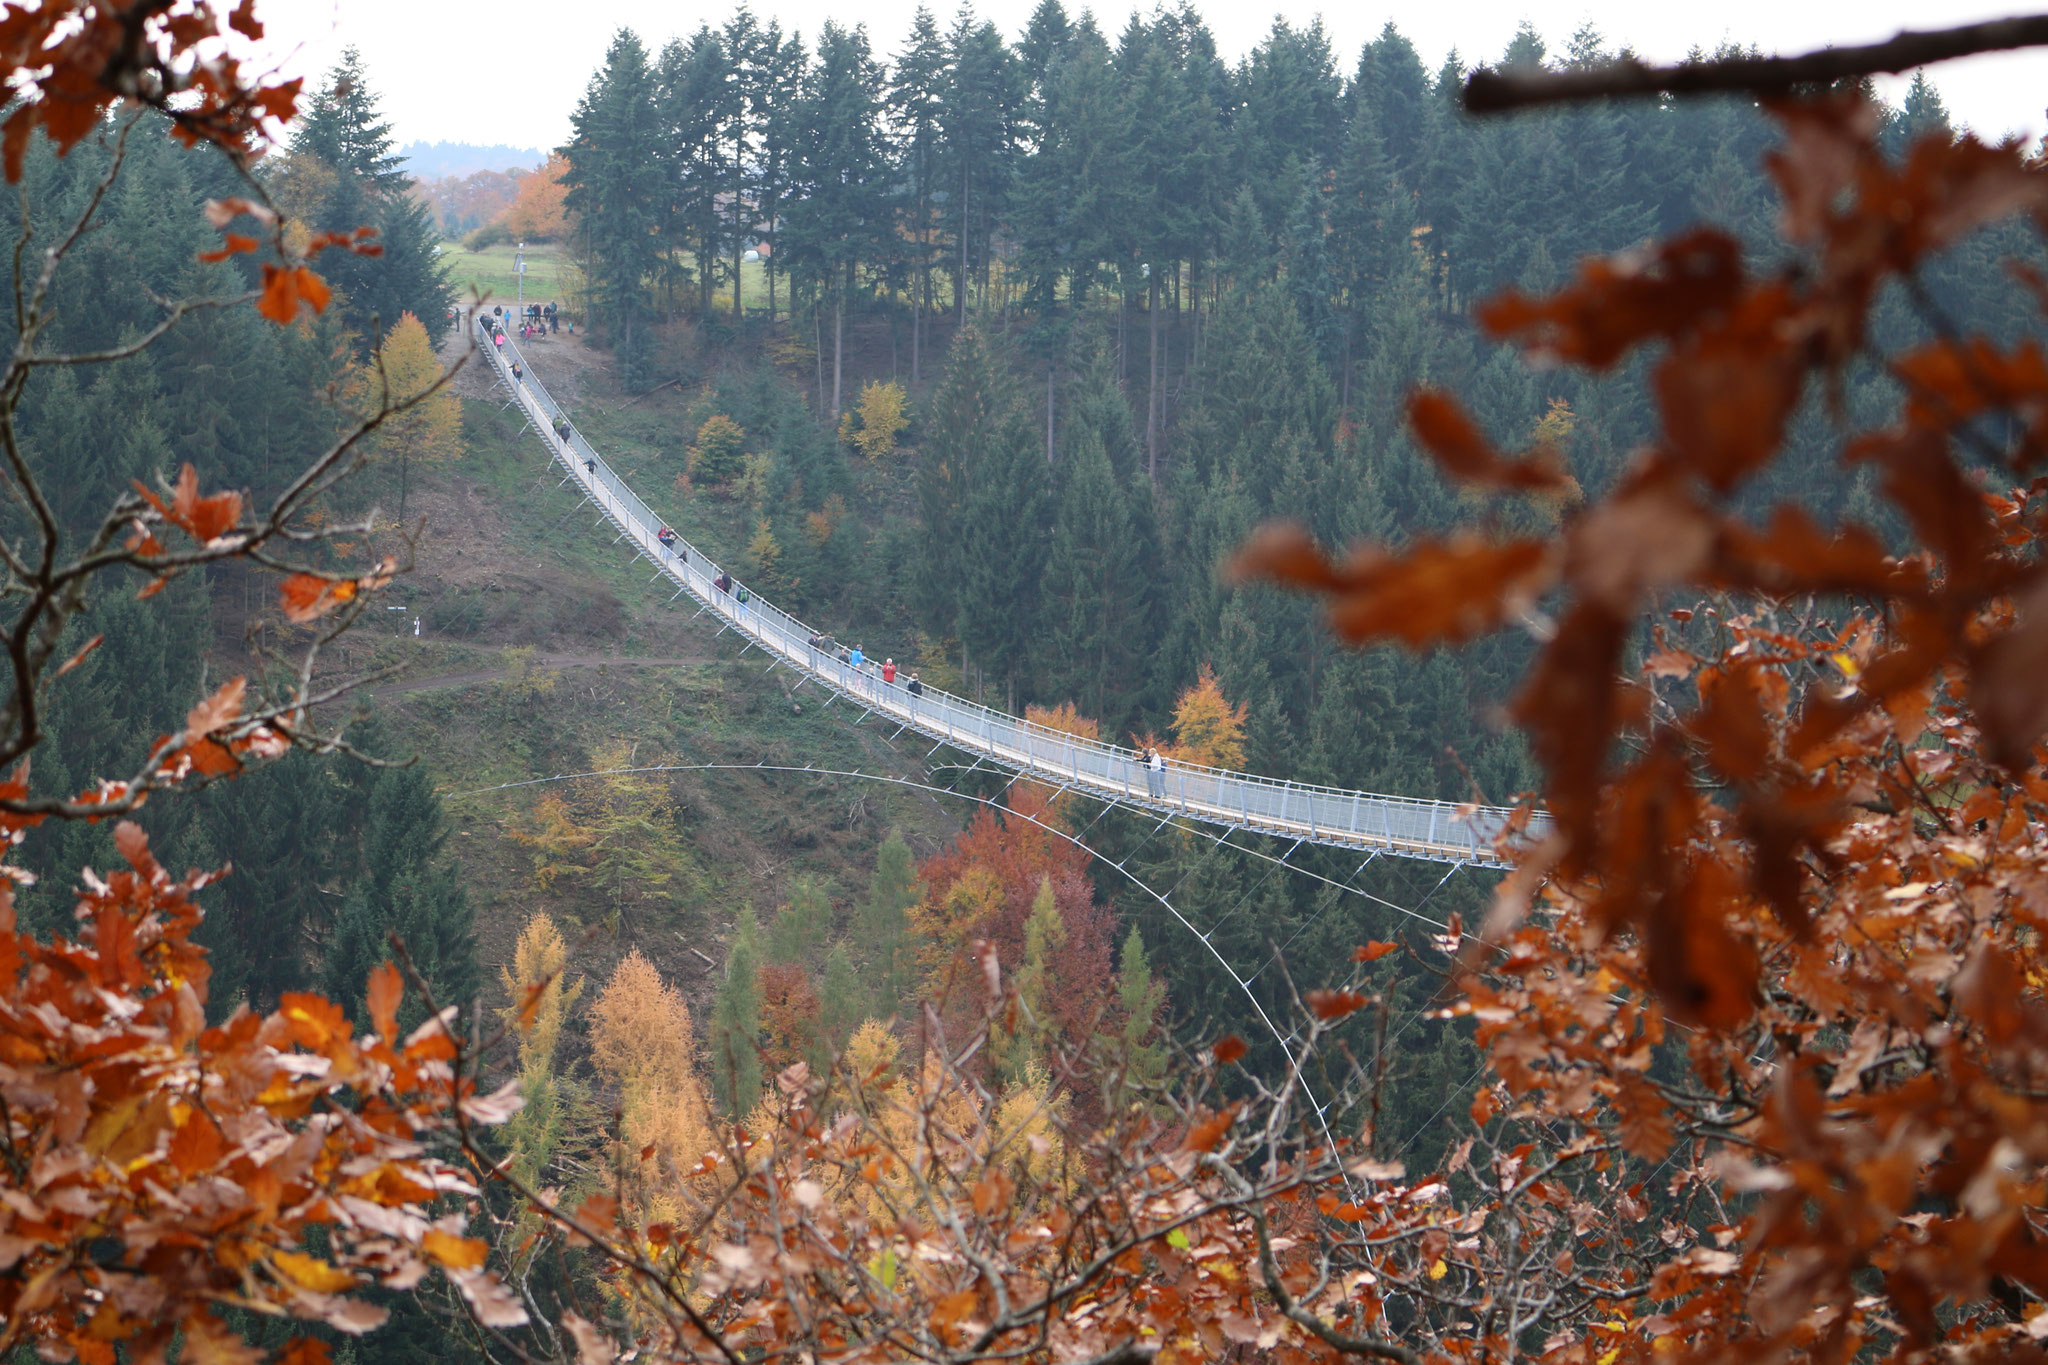 Die Hängeseilbrücke Geierlay bei Mörsdorf